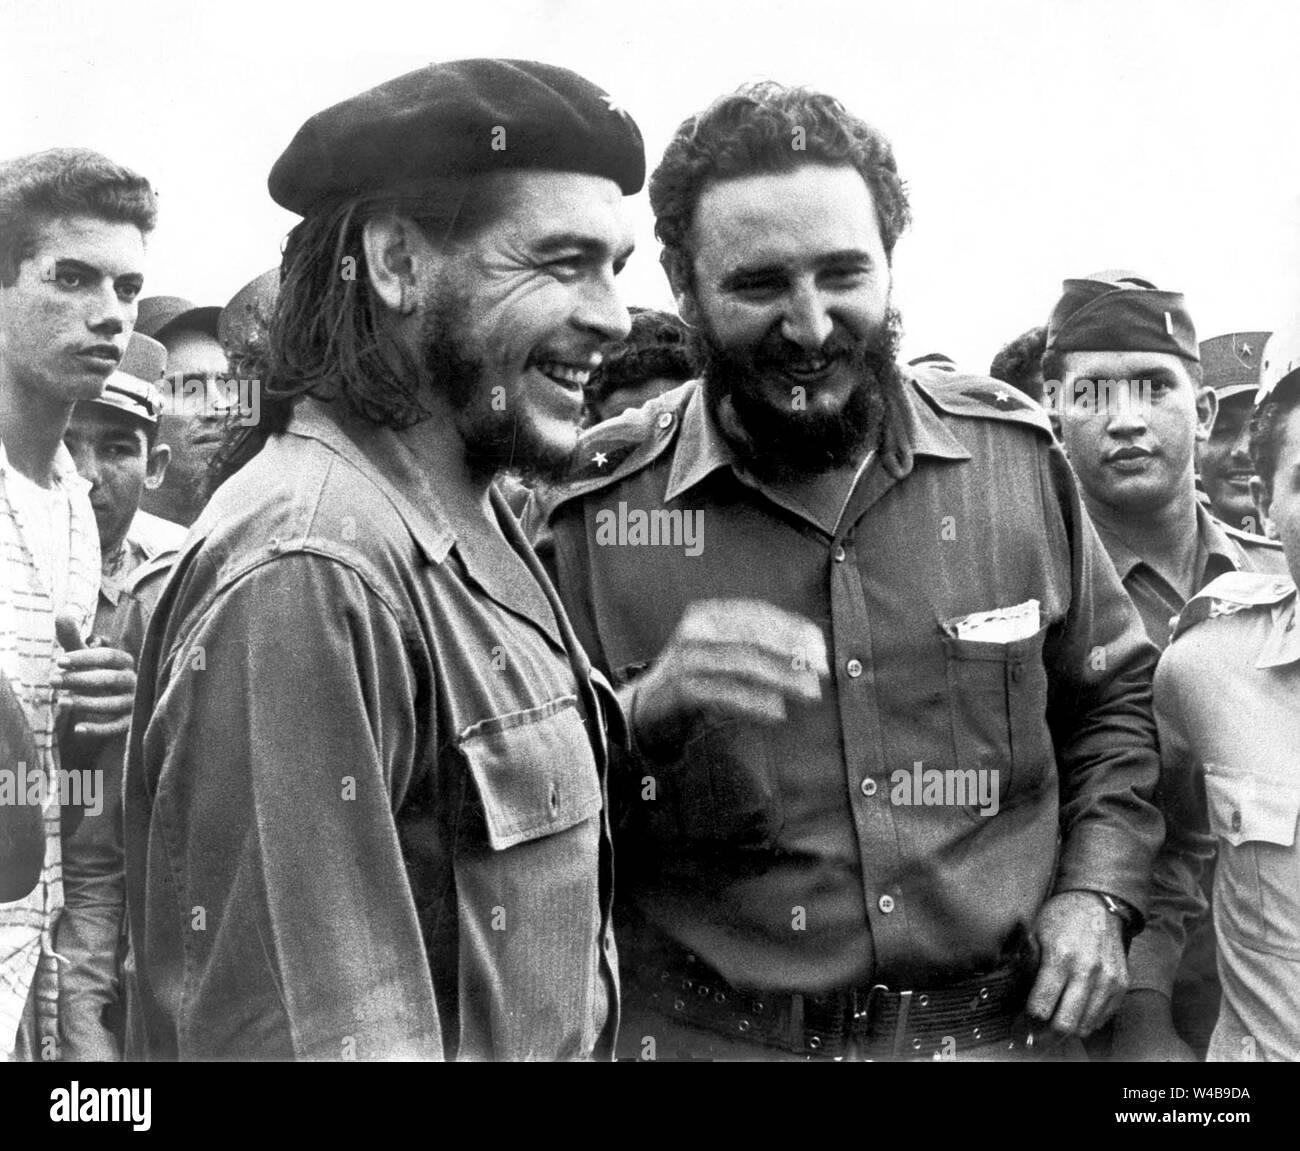 Revolutionary leaders Fidel Castro and Ernesto Che Guevara Stock Photo -  Alamy